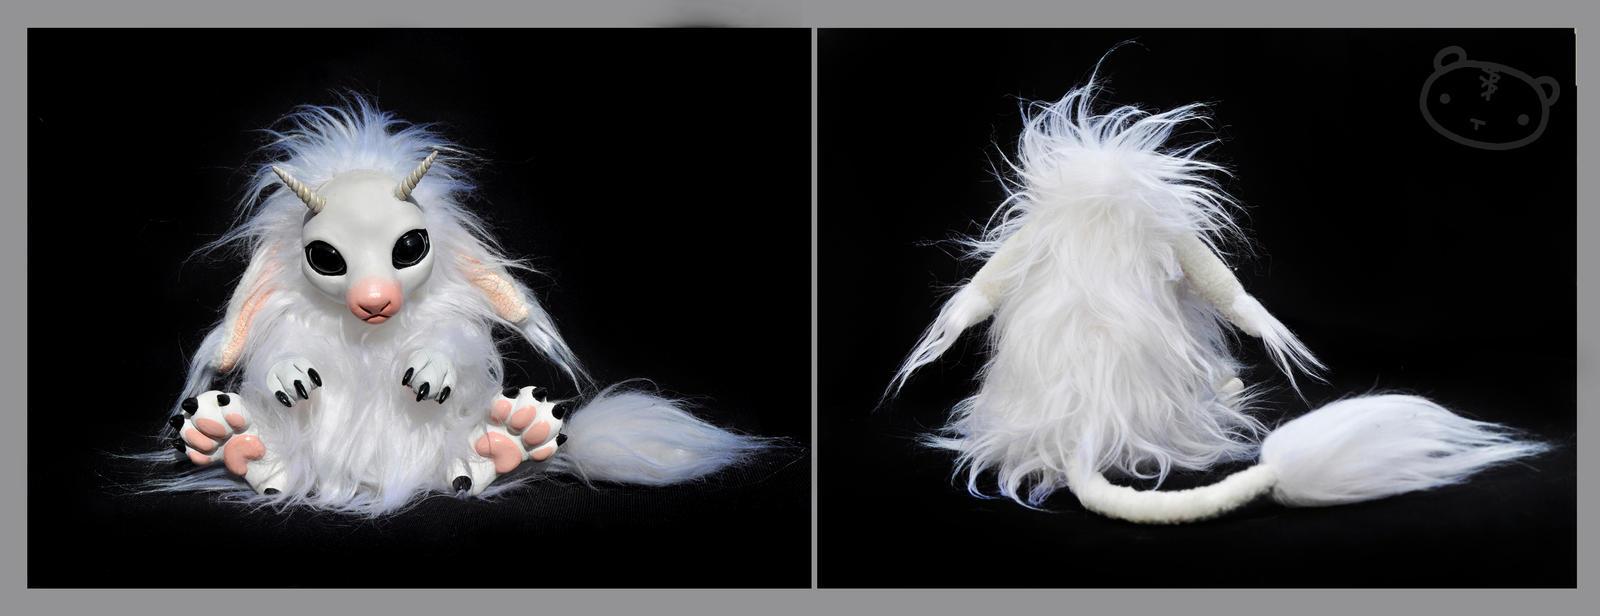 Unicorn Leshky by LisaToms